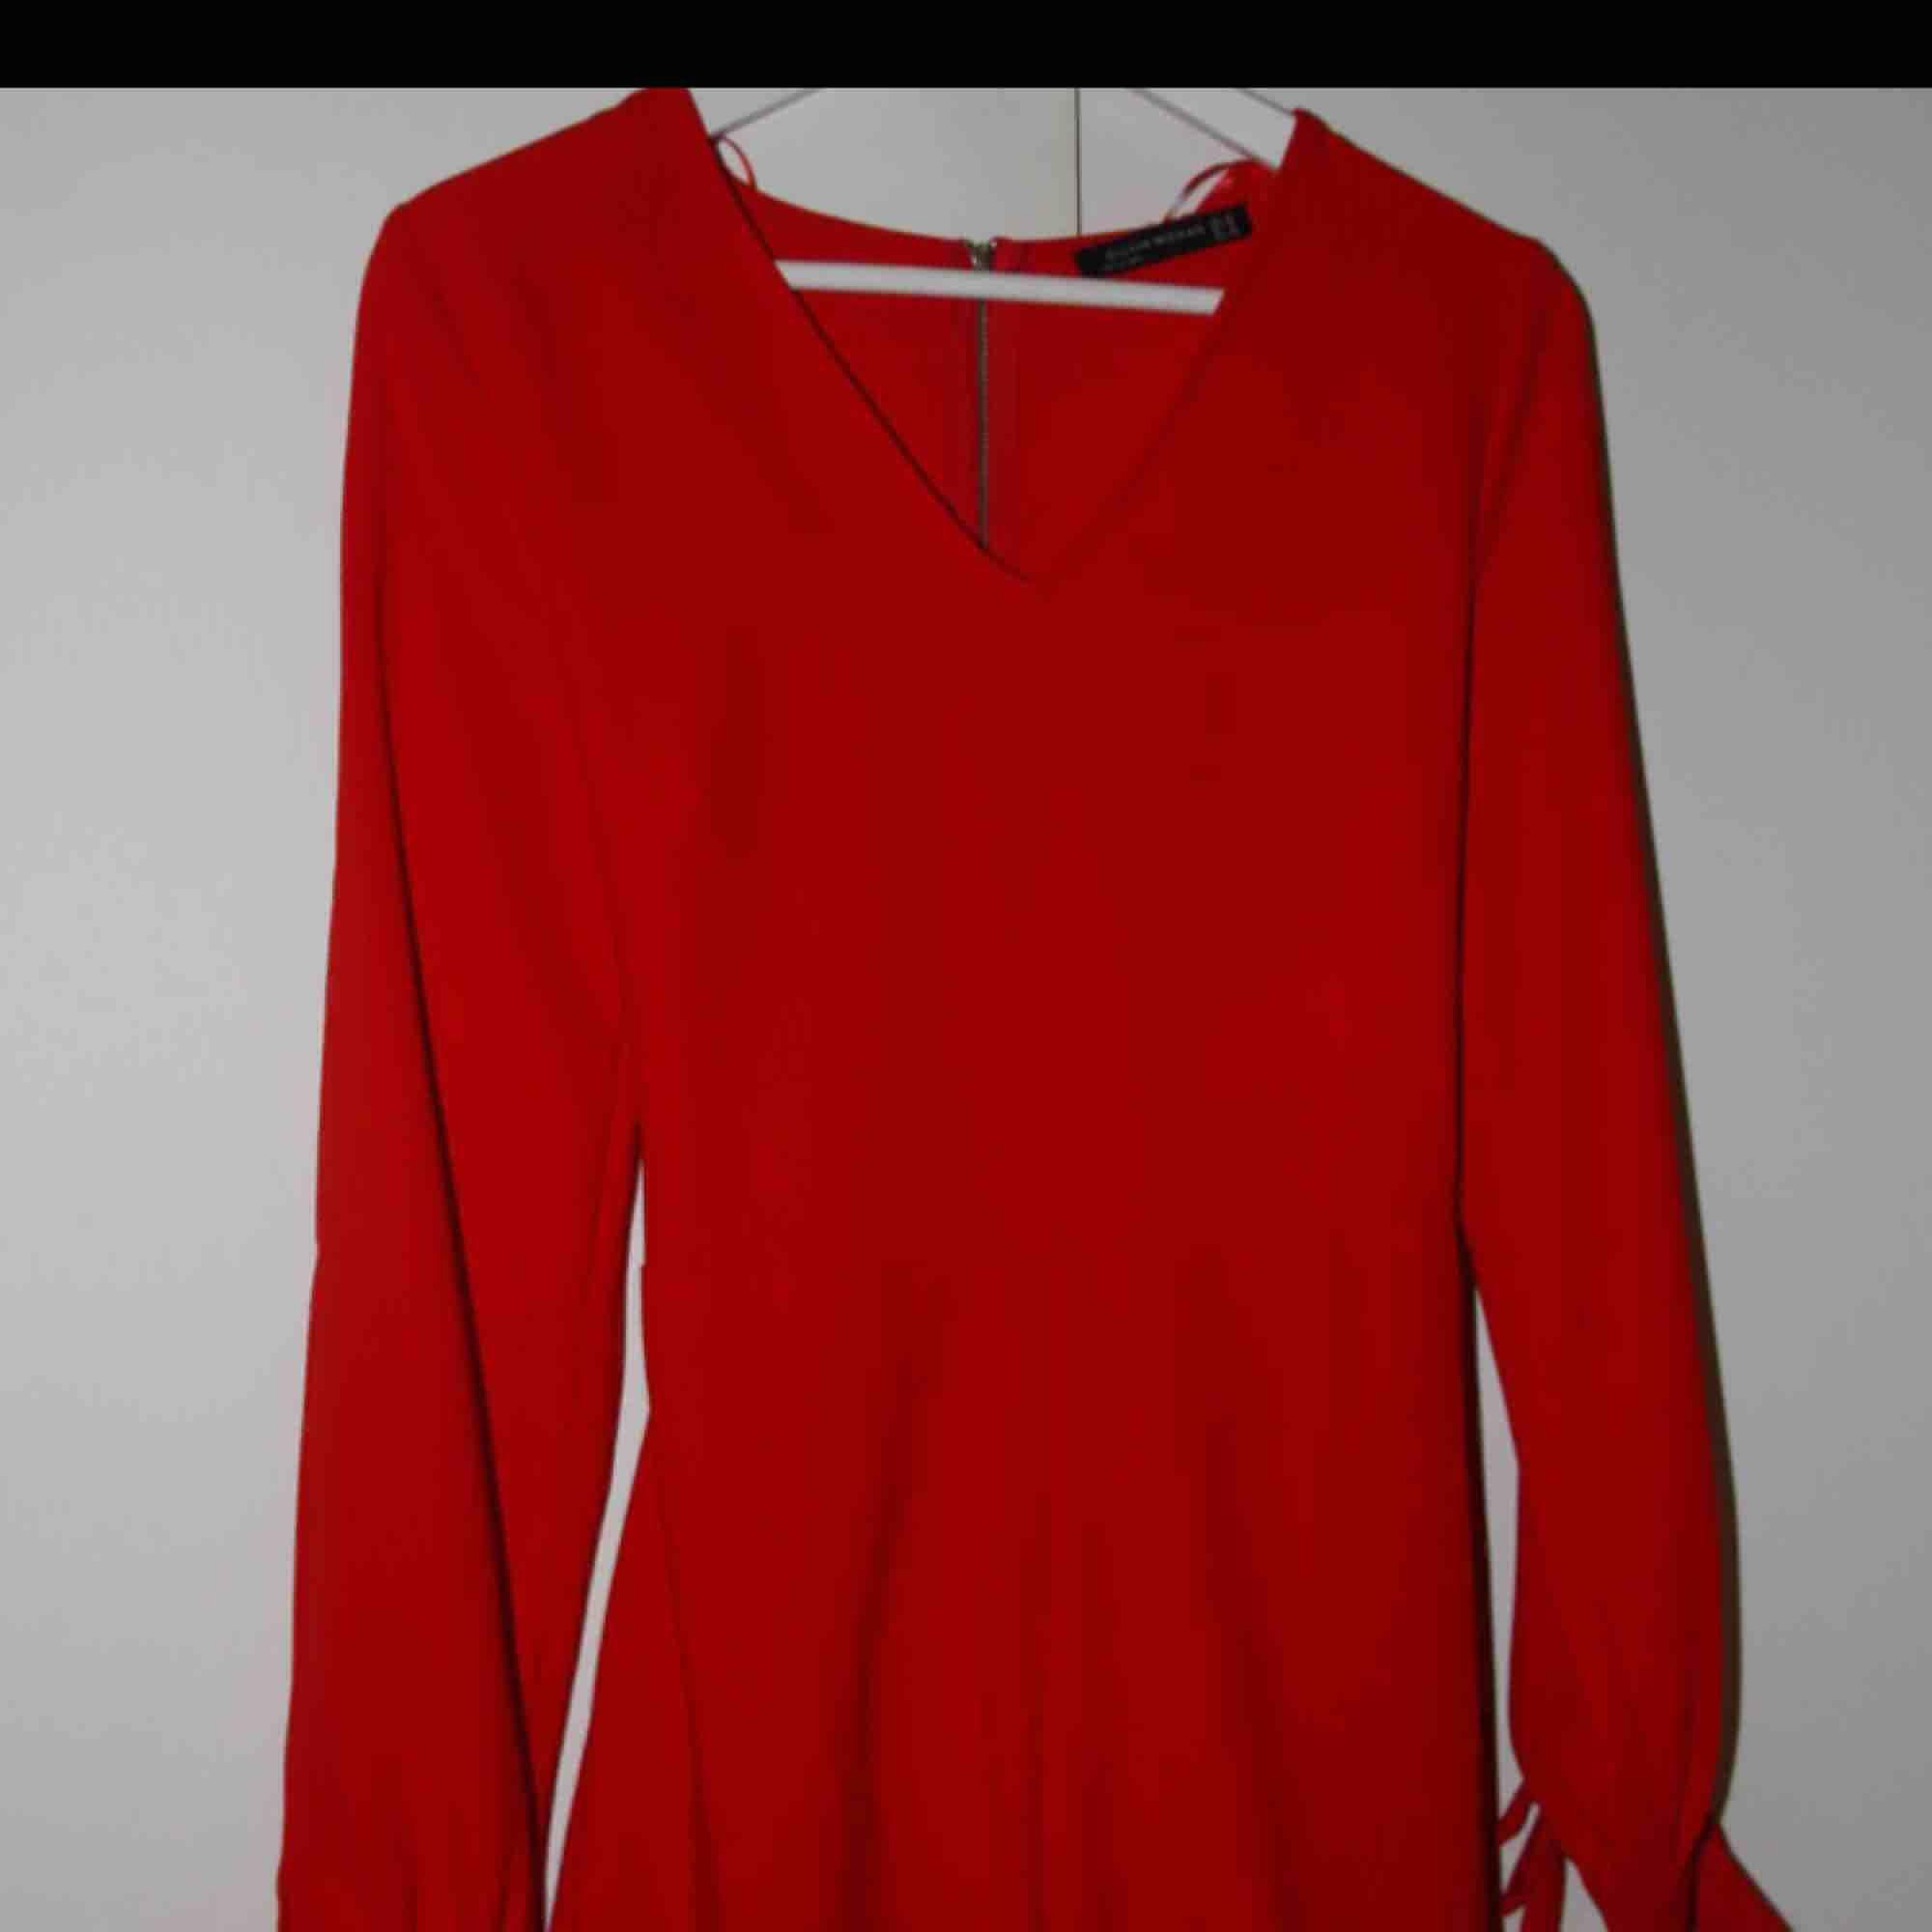 Röd/coral färgad jumpsuit från Chiquelle. Använd 1 gång. Storlek 38 (S/M). Öppningar i armarna, en mindre öppning i ryggen och rosett . Övrigt.